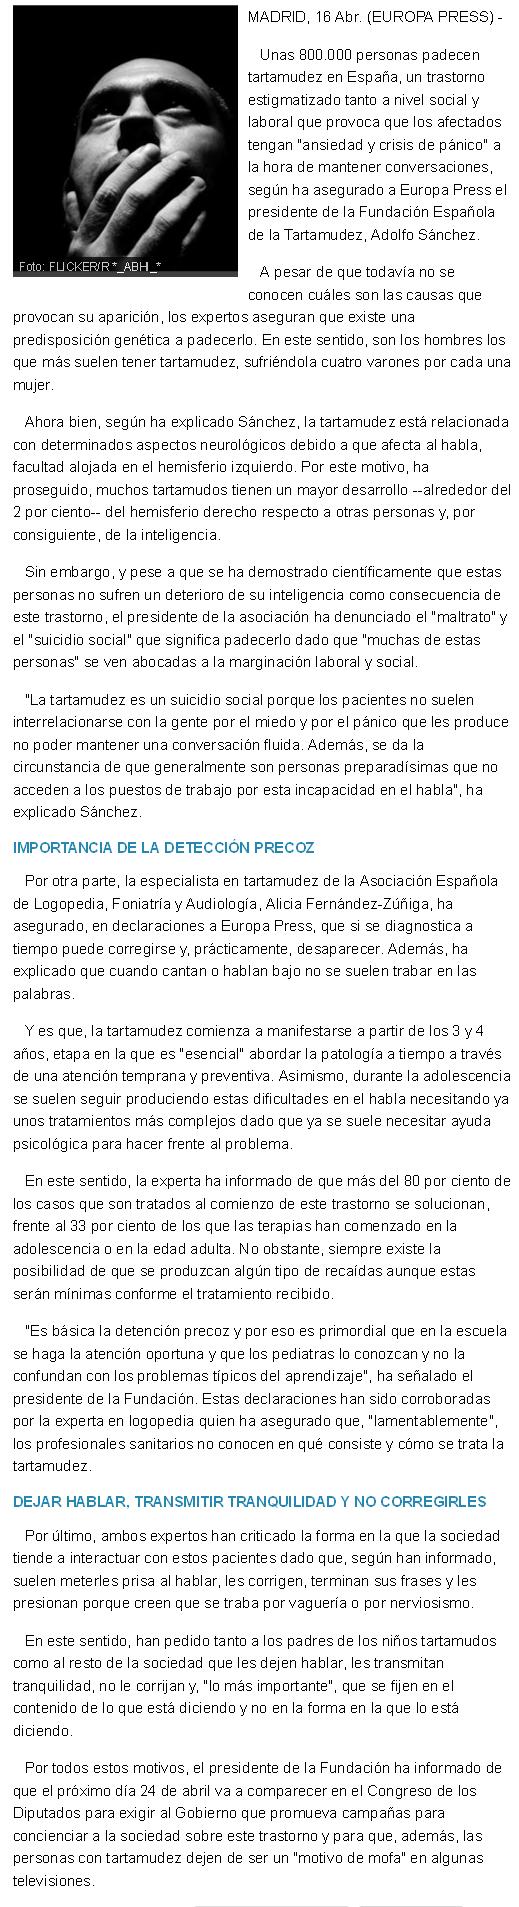 Unas 800.000 personas padecen tartamudez en España